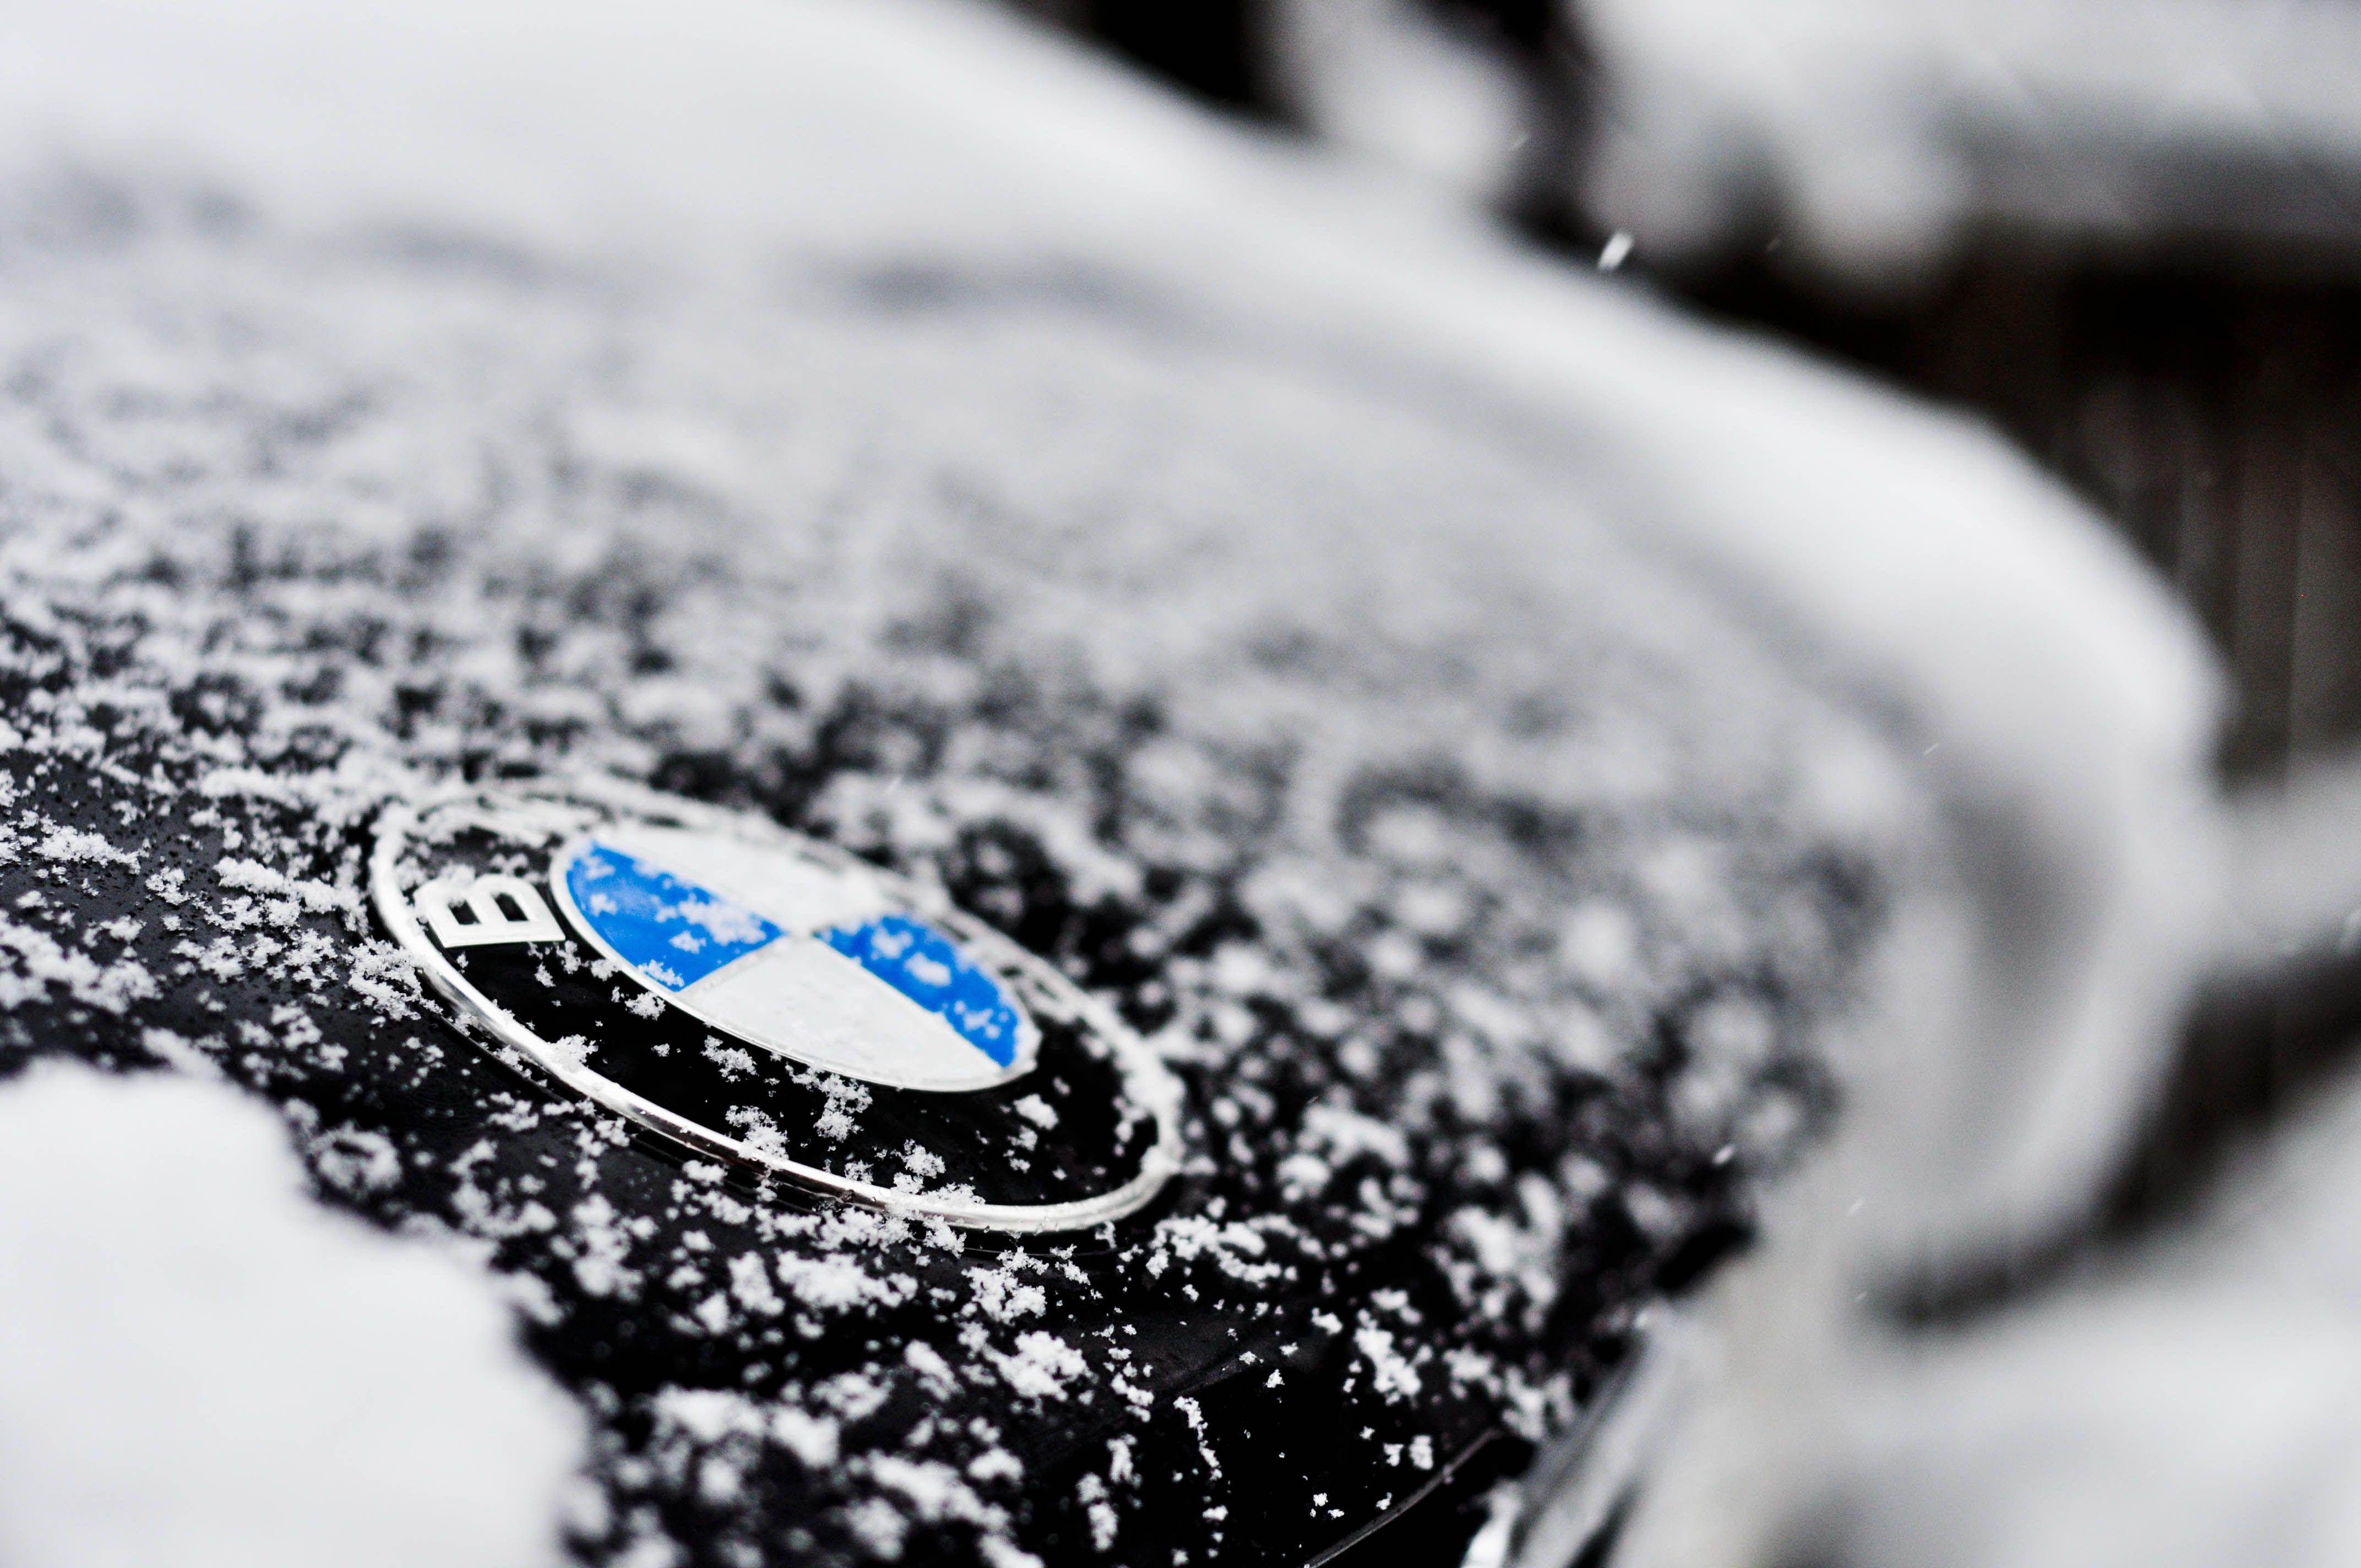 1000 Images About Bmw Logo On Pinterest: Winter BMW Logo - Badge - Emblem